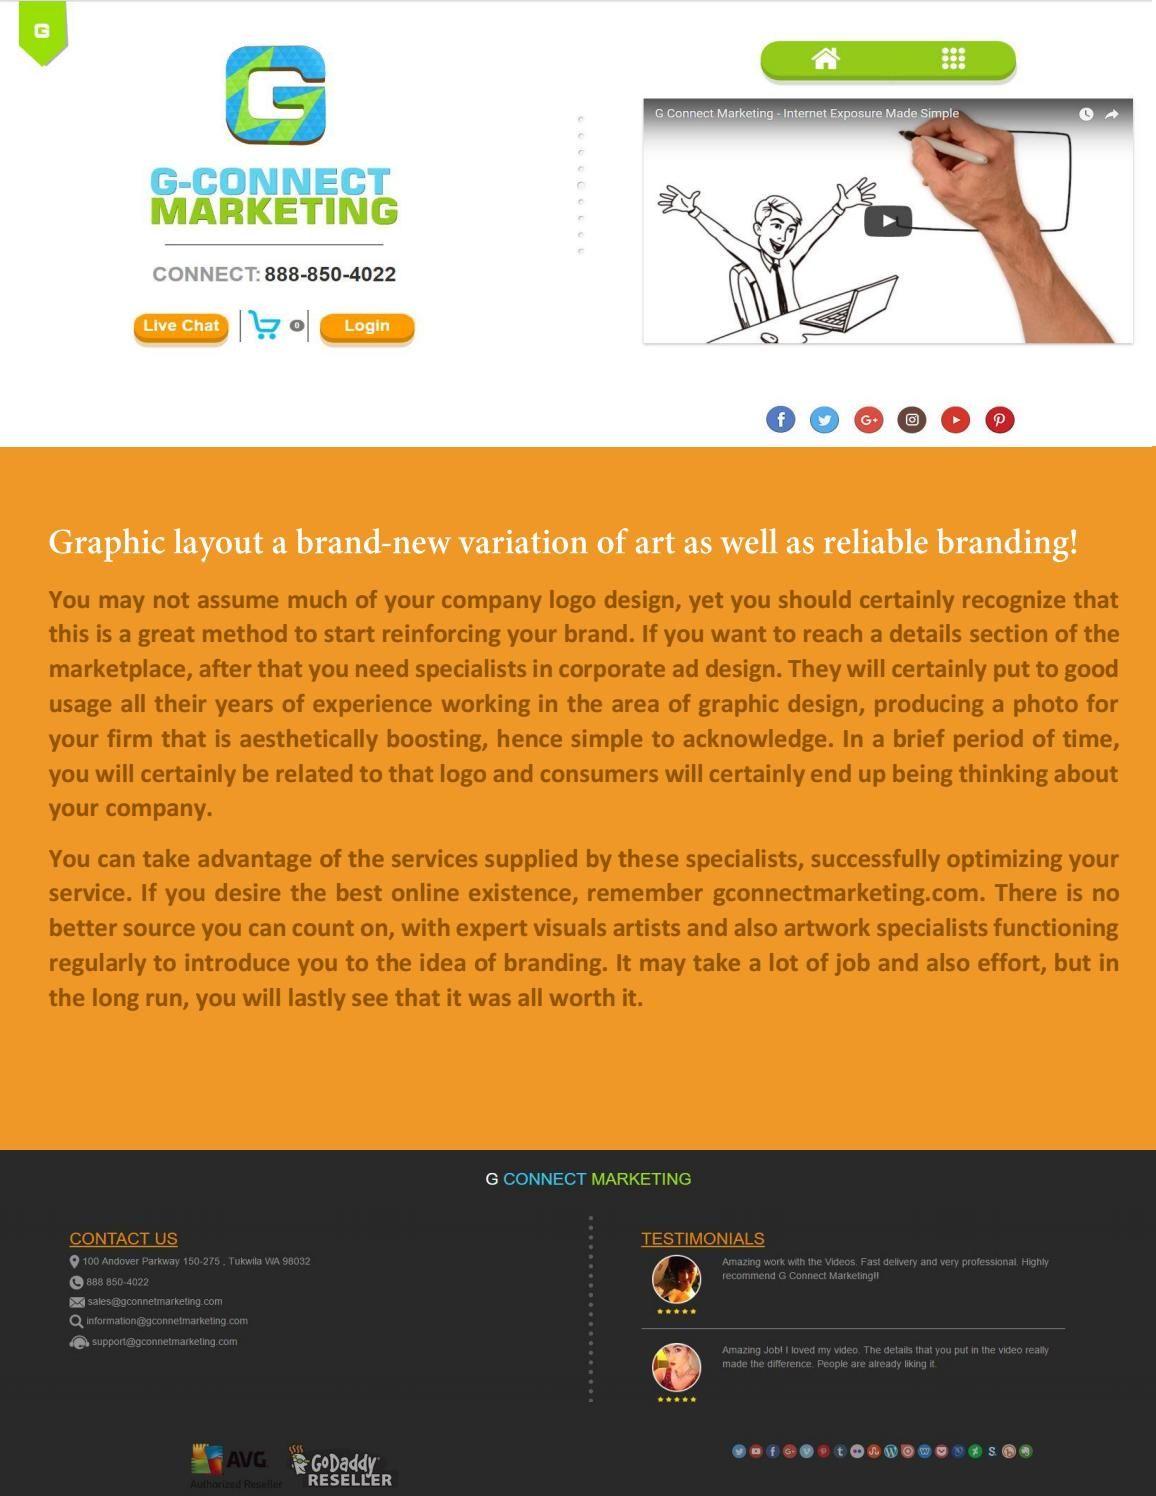 Graphic design | Graphic design, Company logo, Marketing